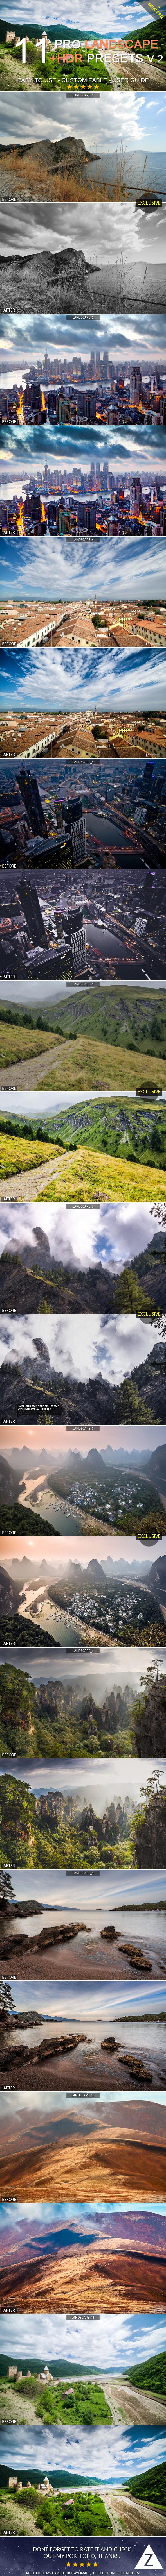 GraphicRiver 11 Pro Landscape&HDR Presets v.2 9737877